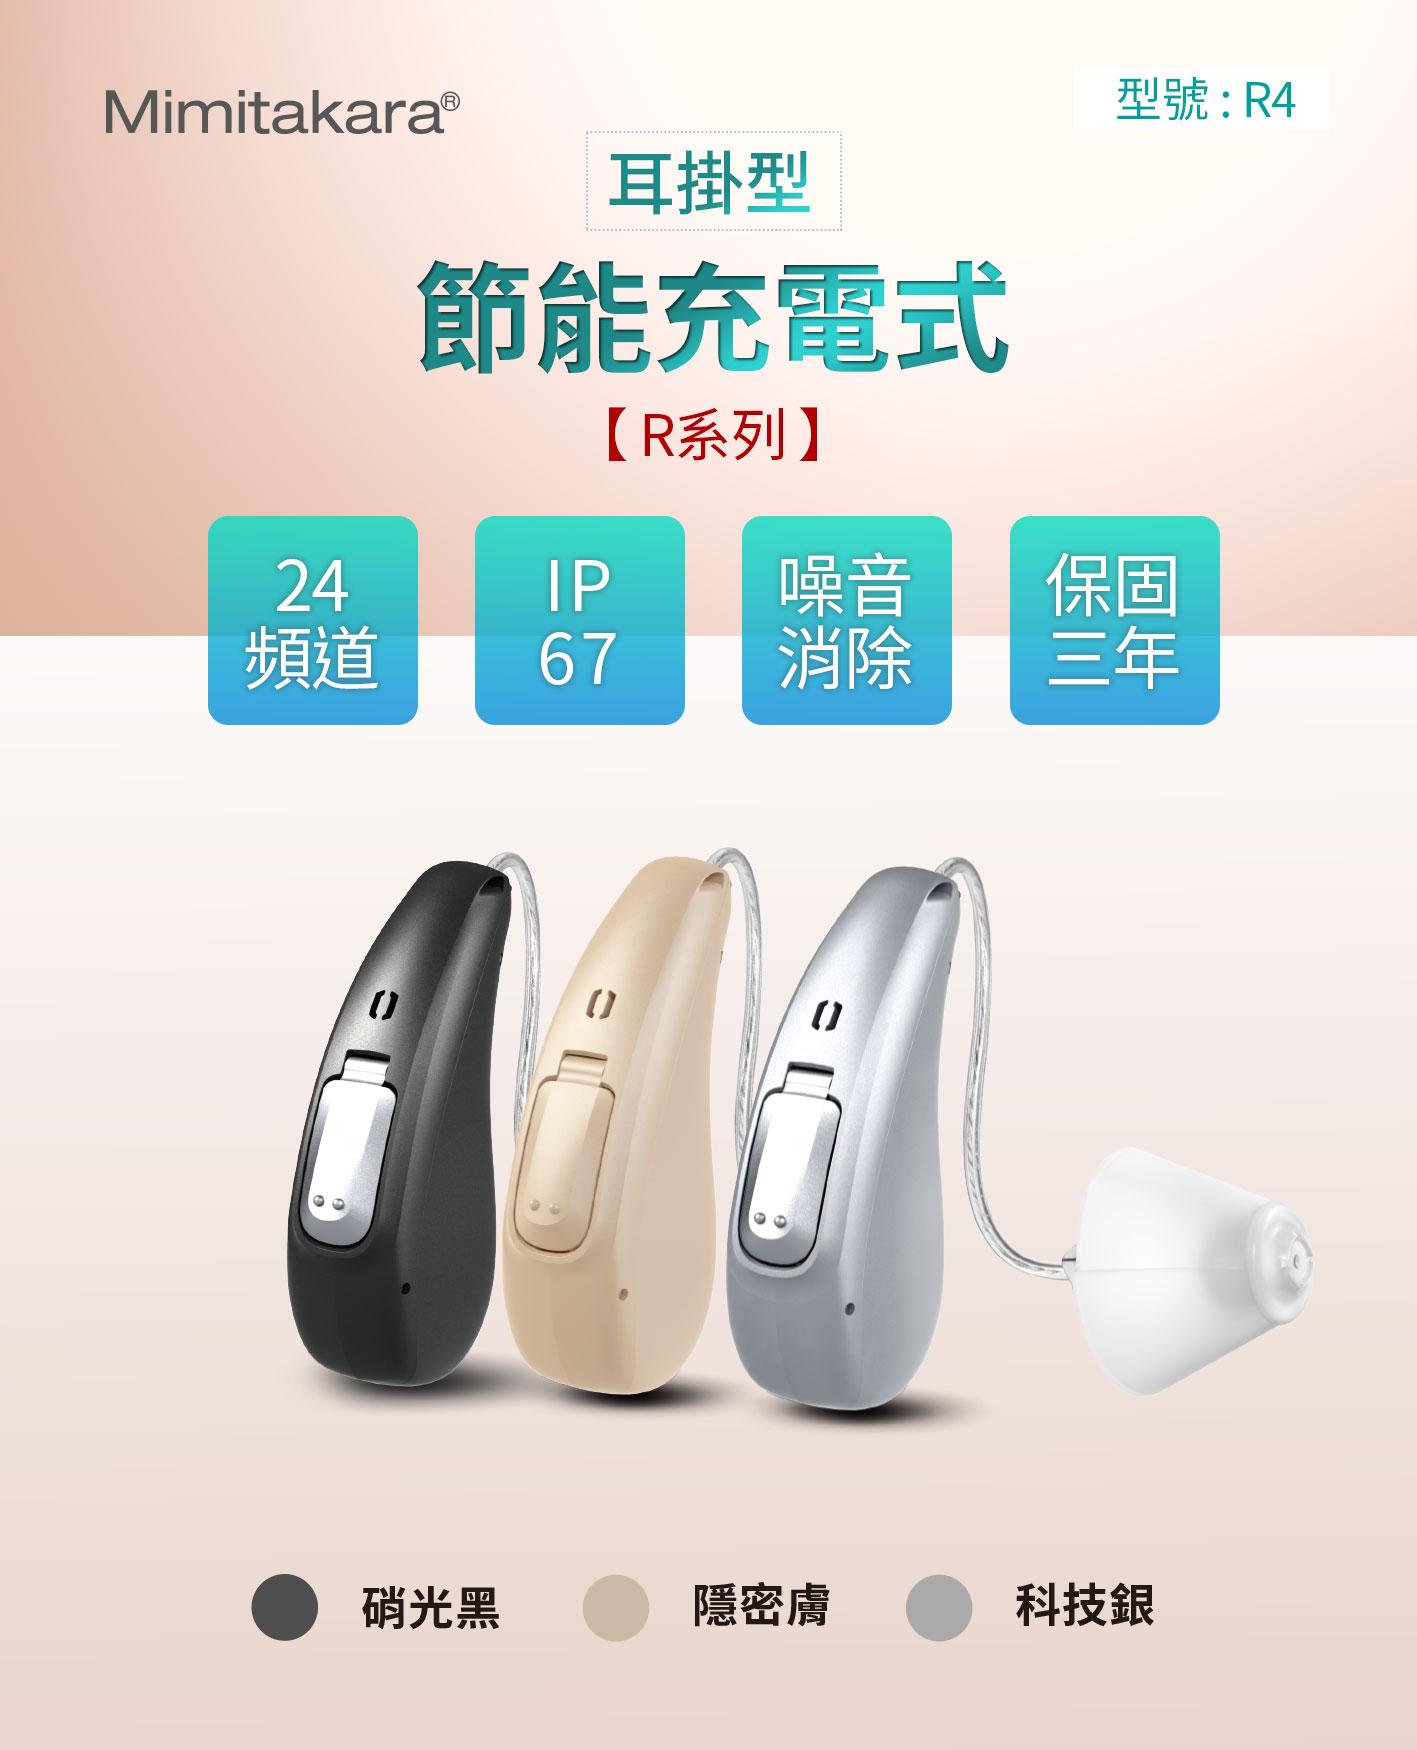 耳寶,R4,補助資訊,助聽器